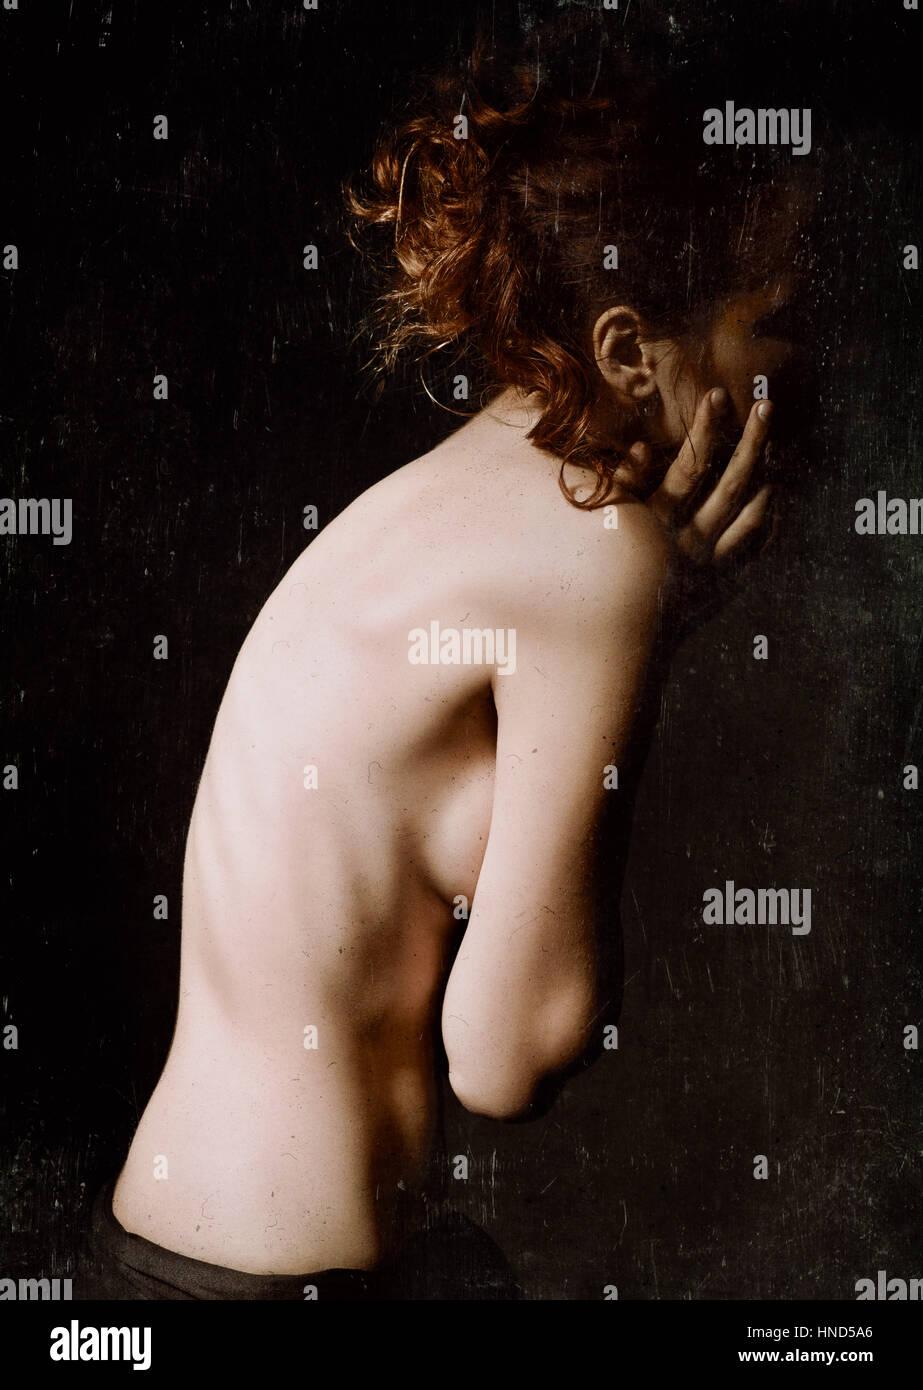 Malinconico ritratto di una giovane donna tra il buio. Grunge effetto texture Immagini Stock